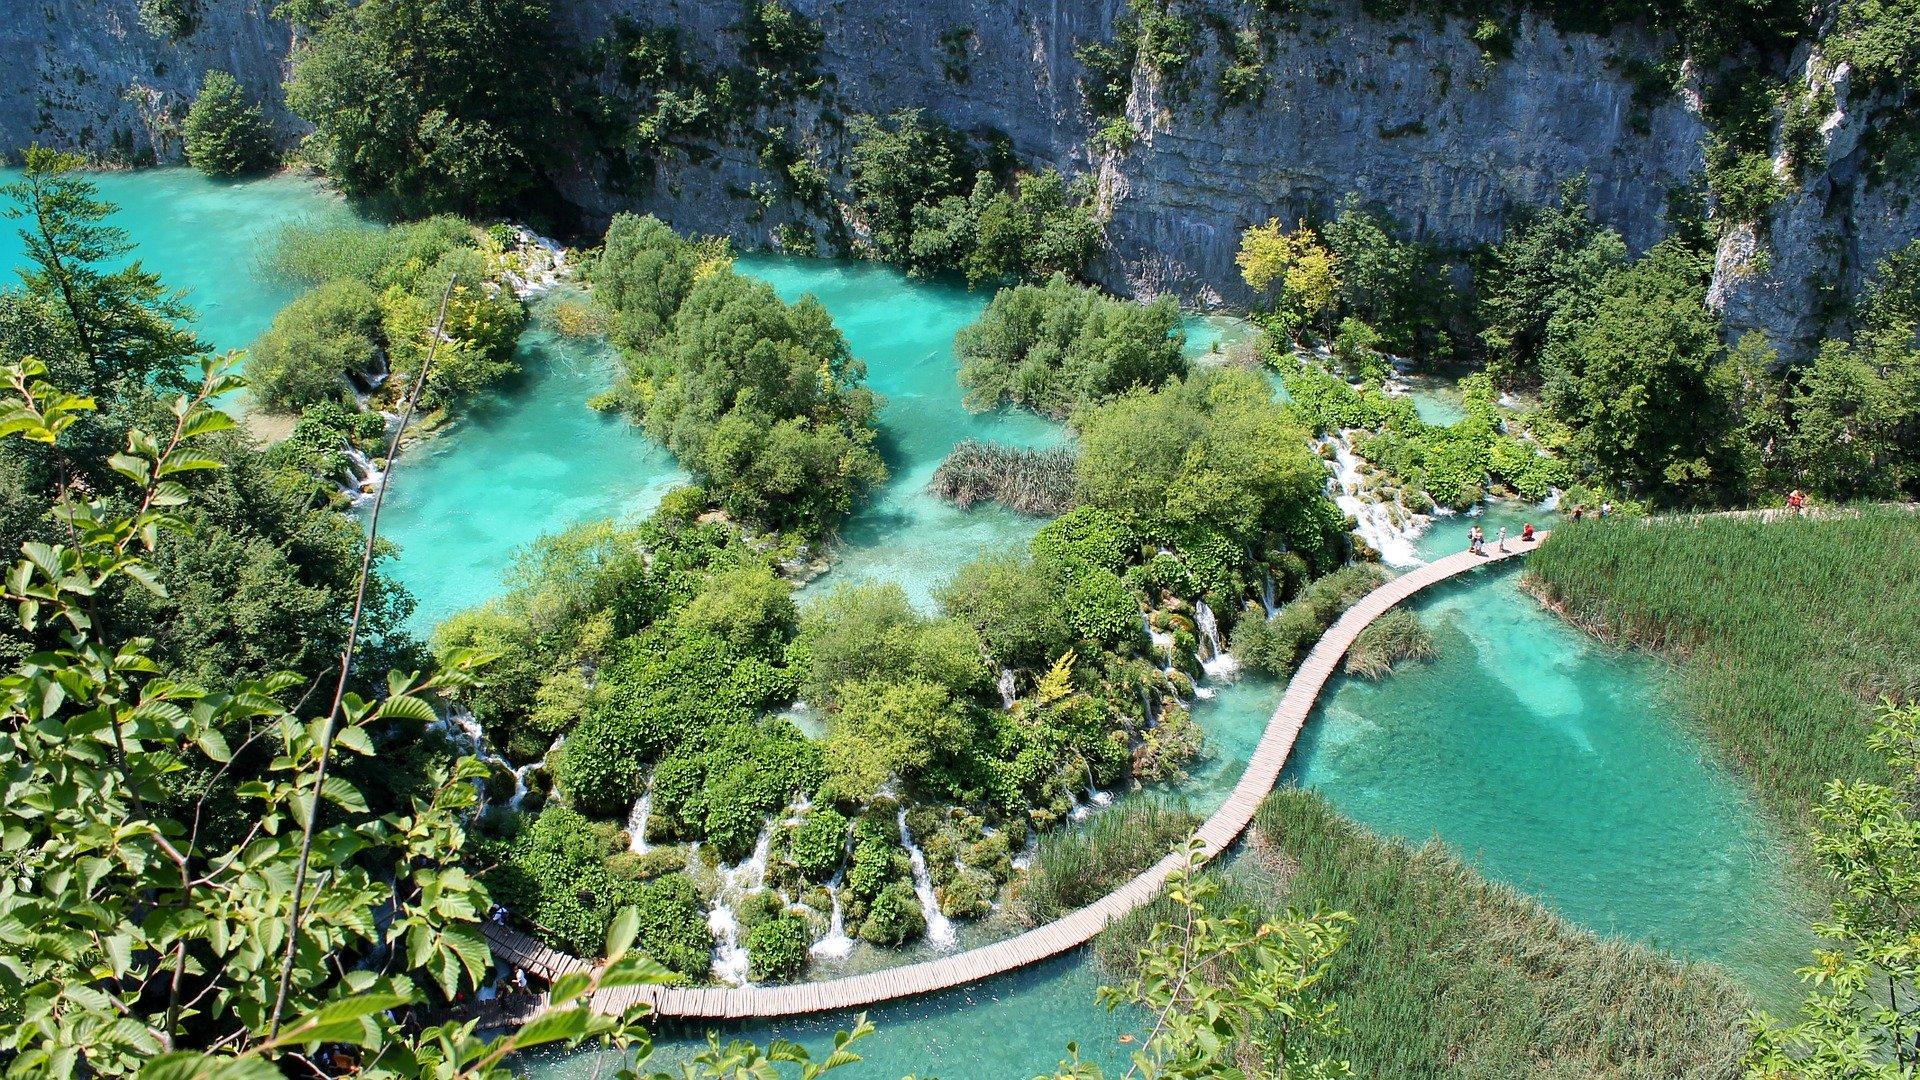 Parque Nacional de Plitvice-Ekorna